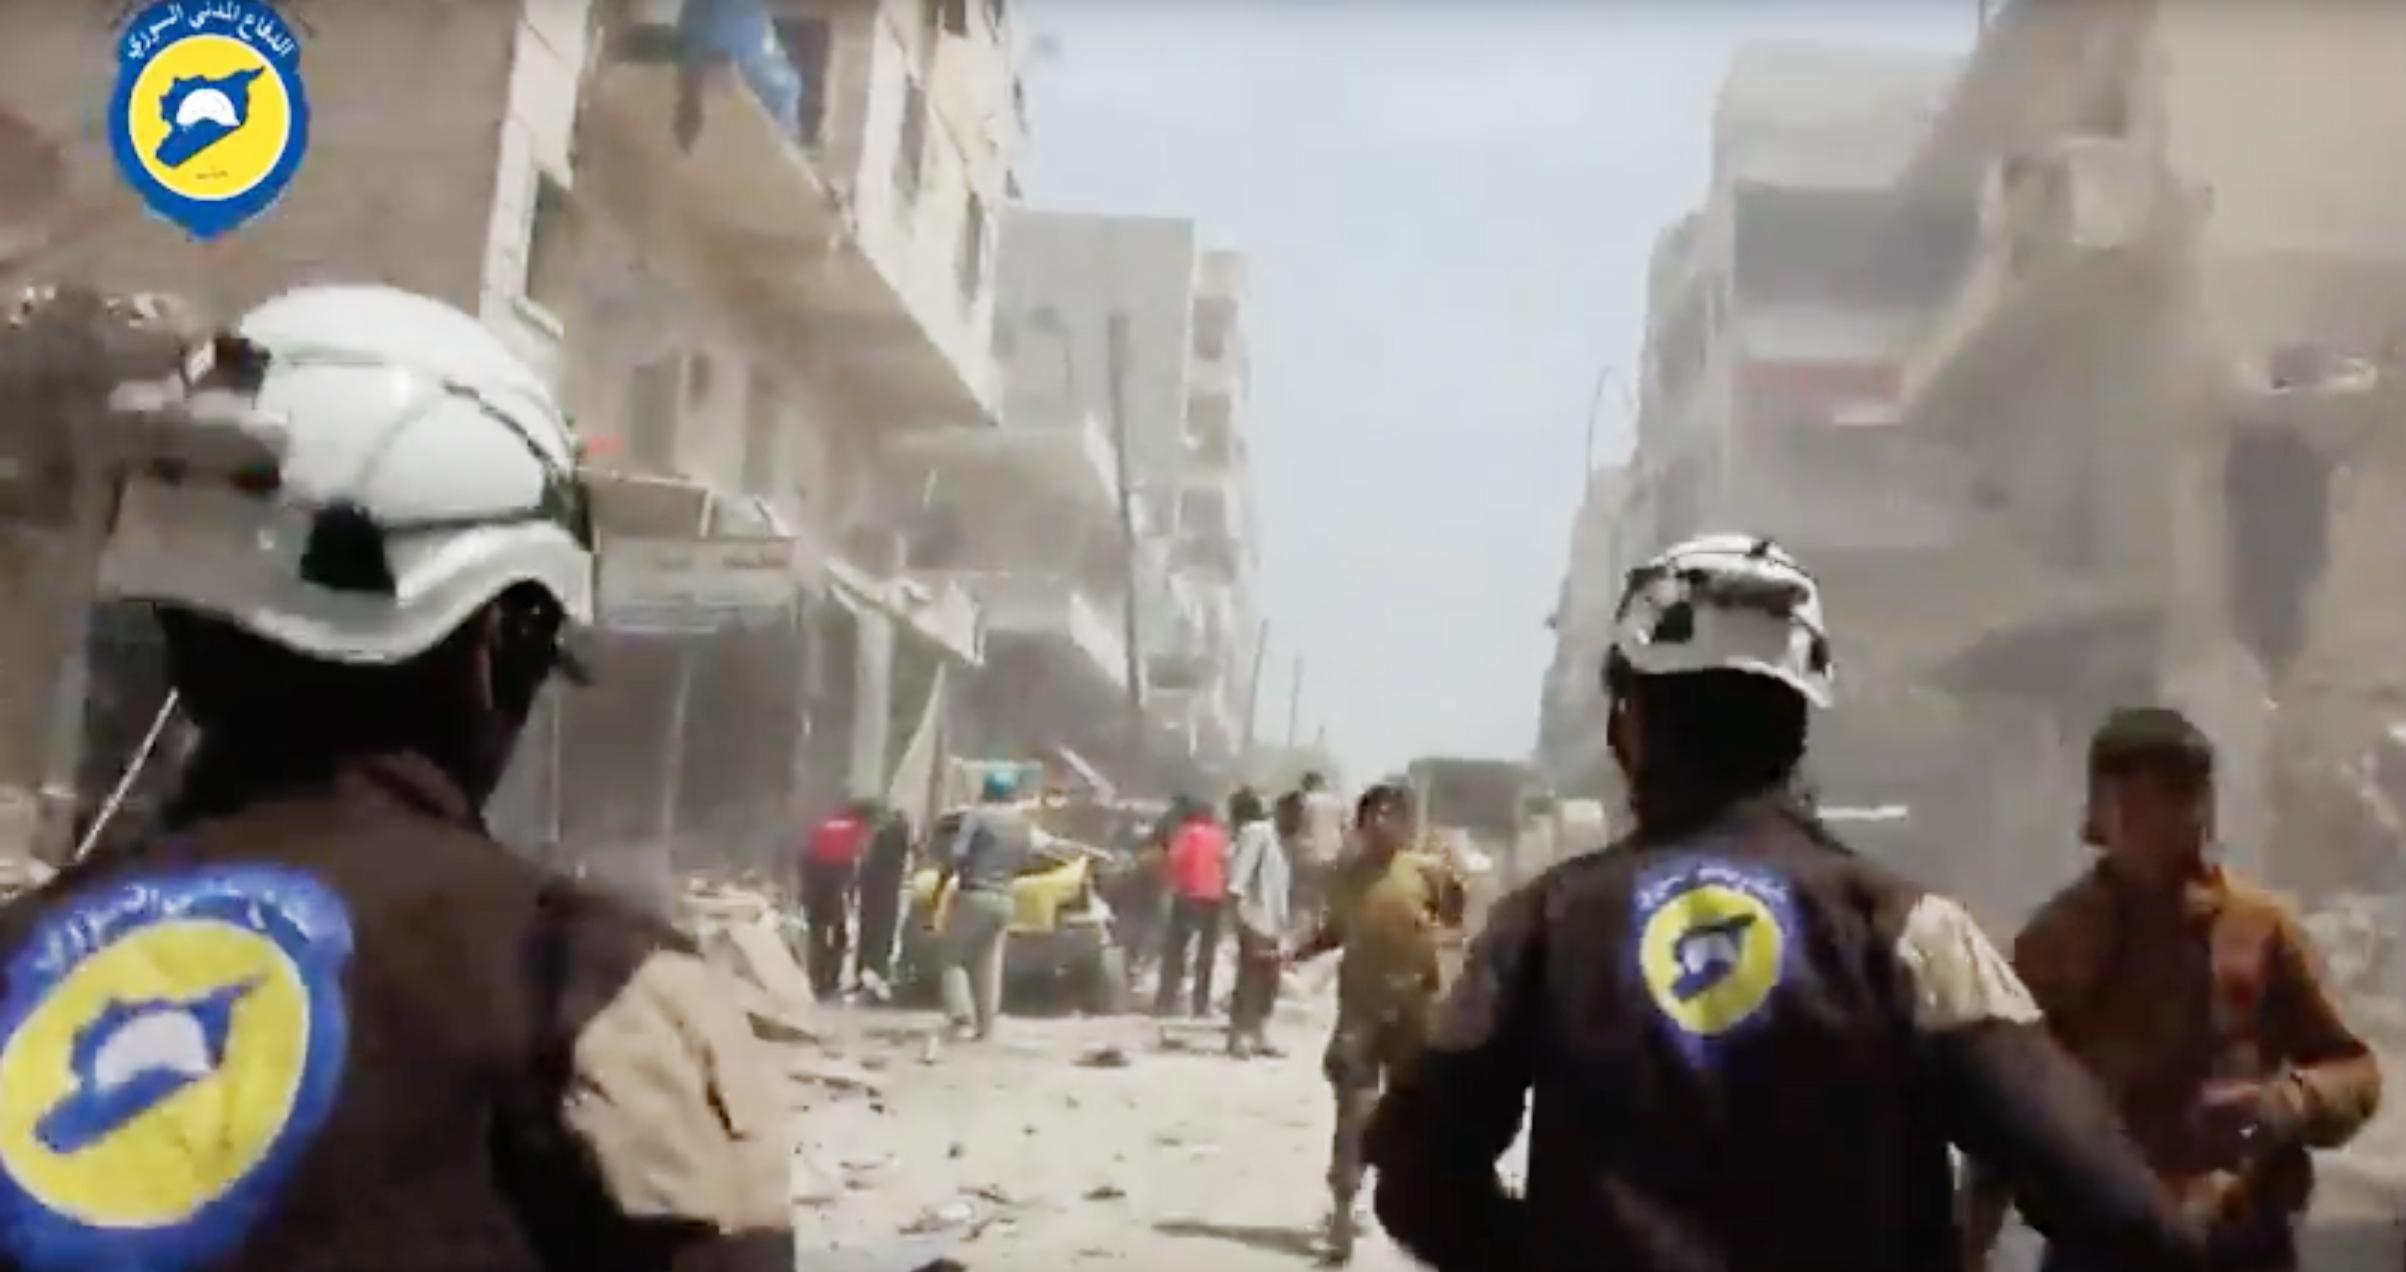 Bombardamente ale rebelilor sirieni in Alep: cel putin 19 morti si 120 de raniti